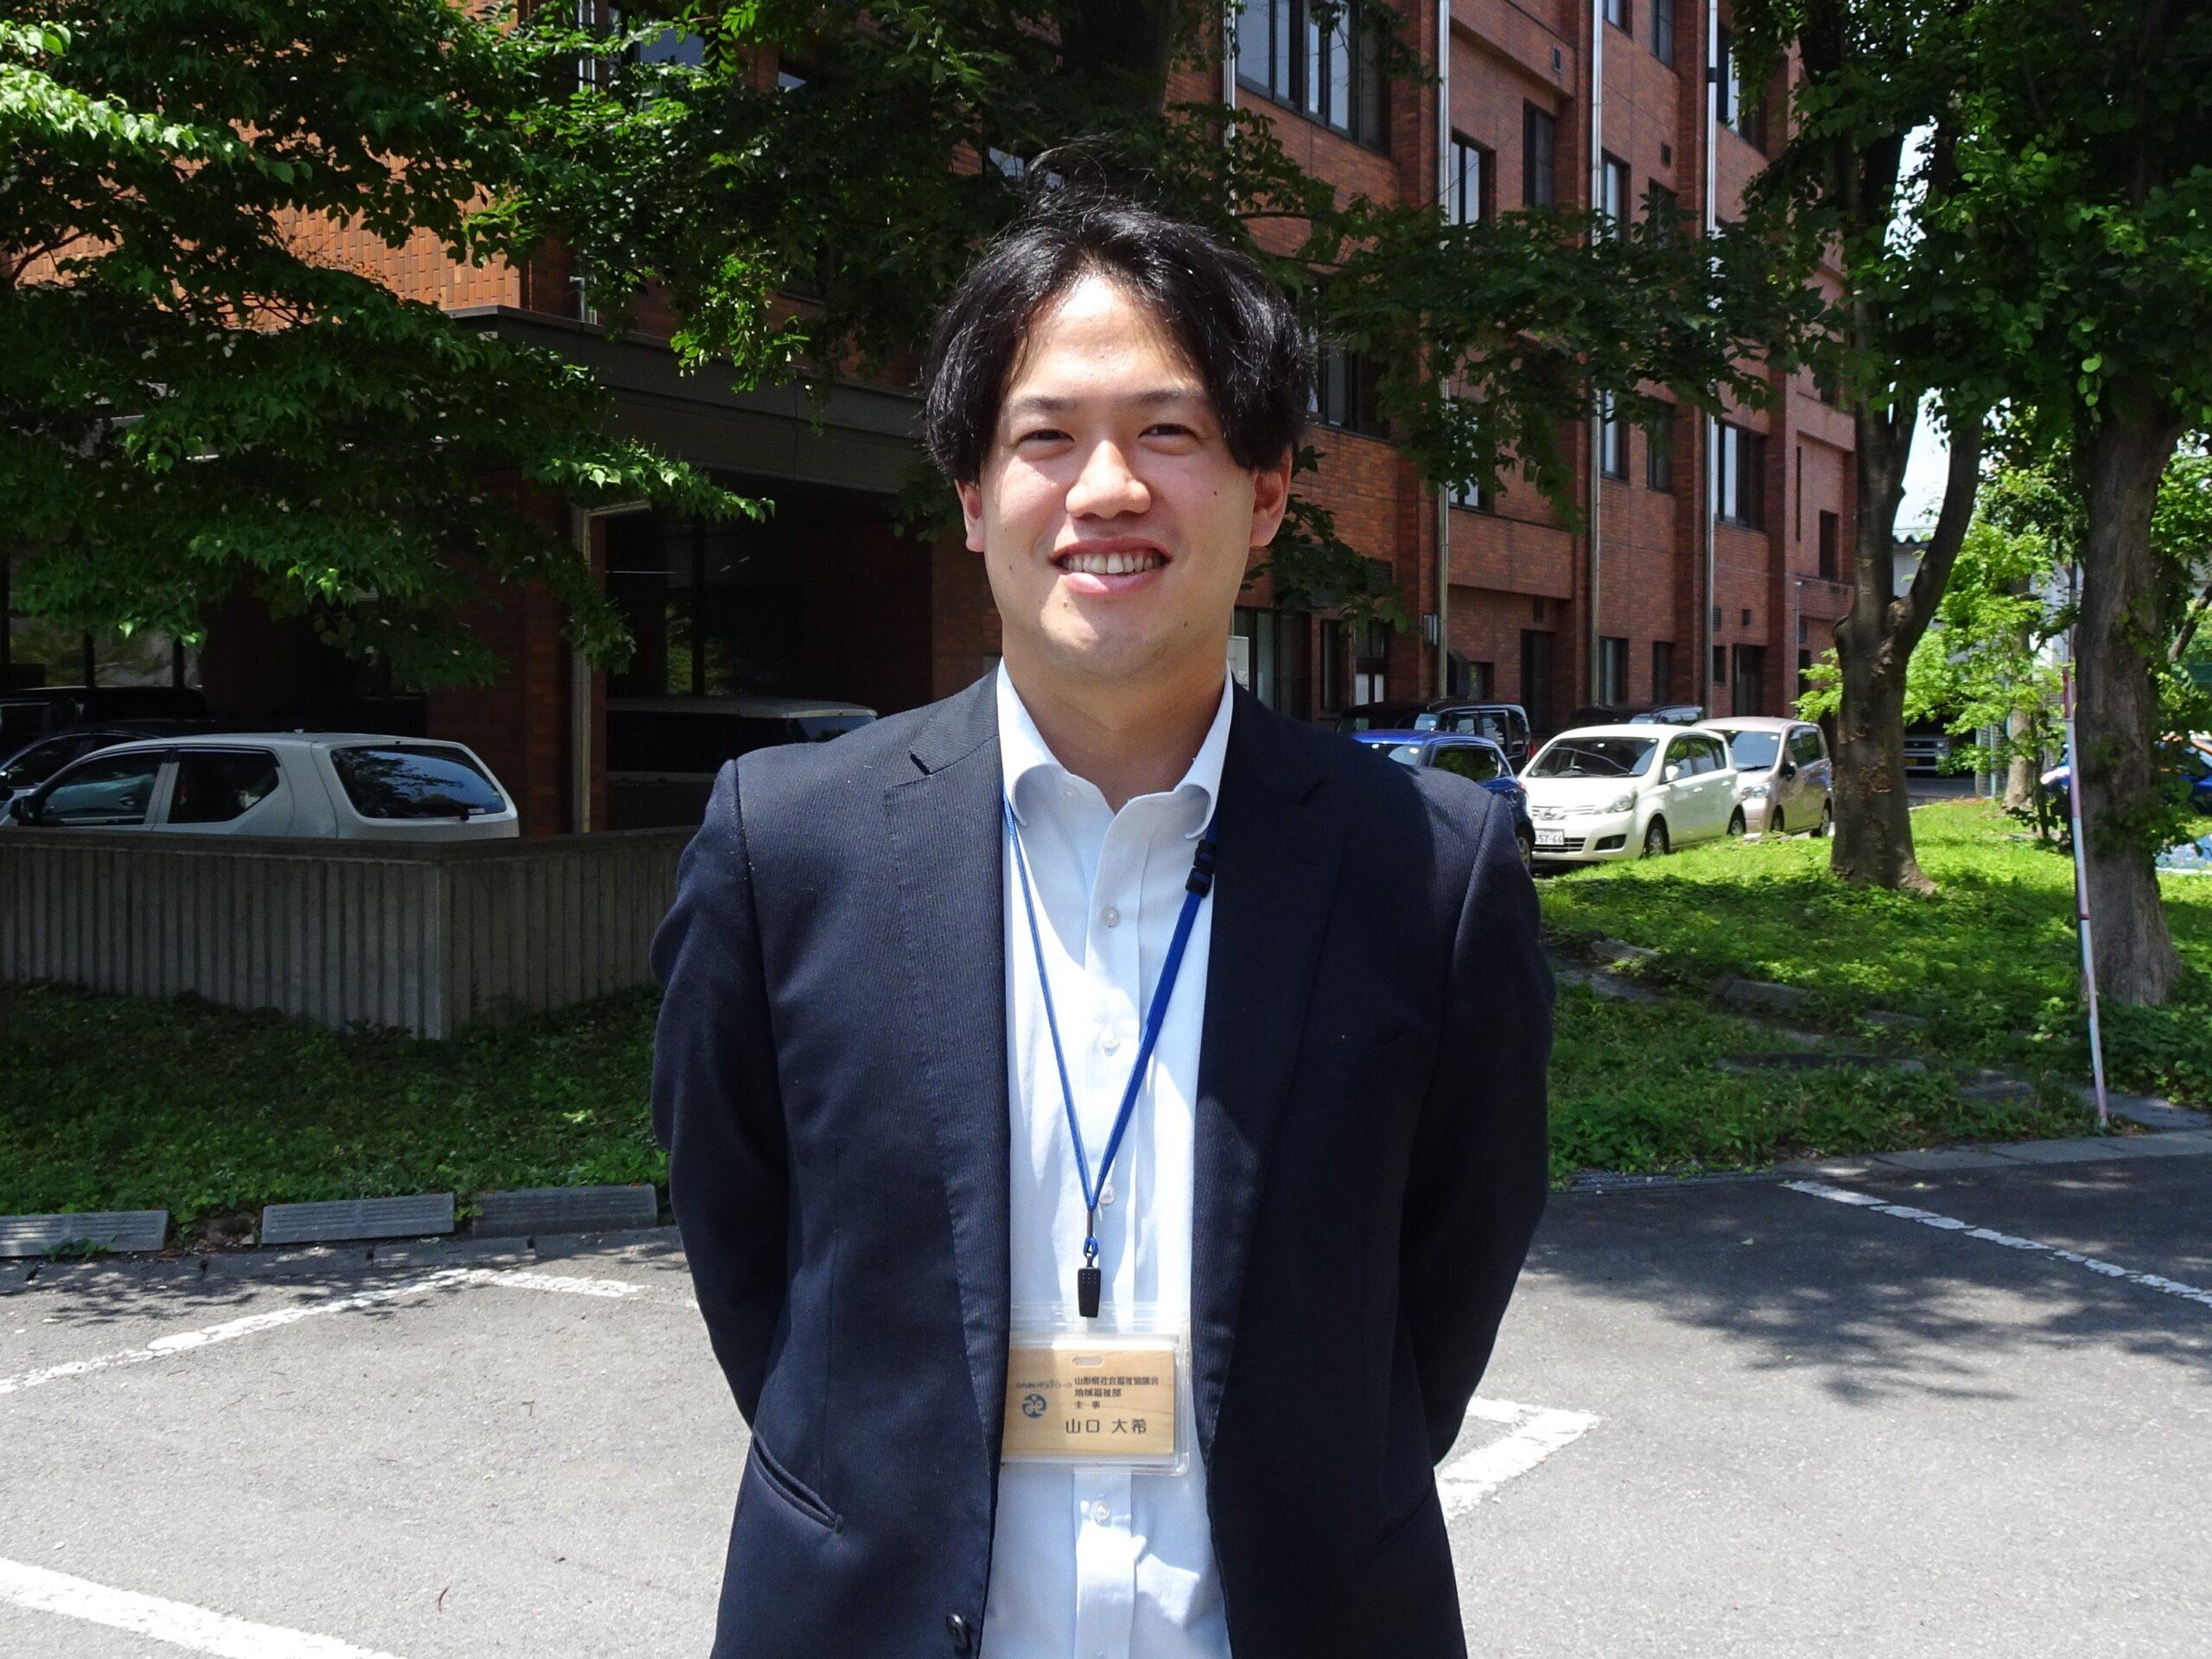 山形県社会福祉協議会 復興支援員 山口 大希さん